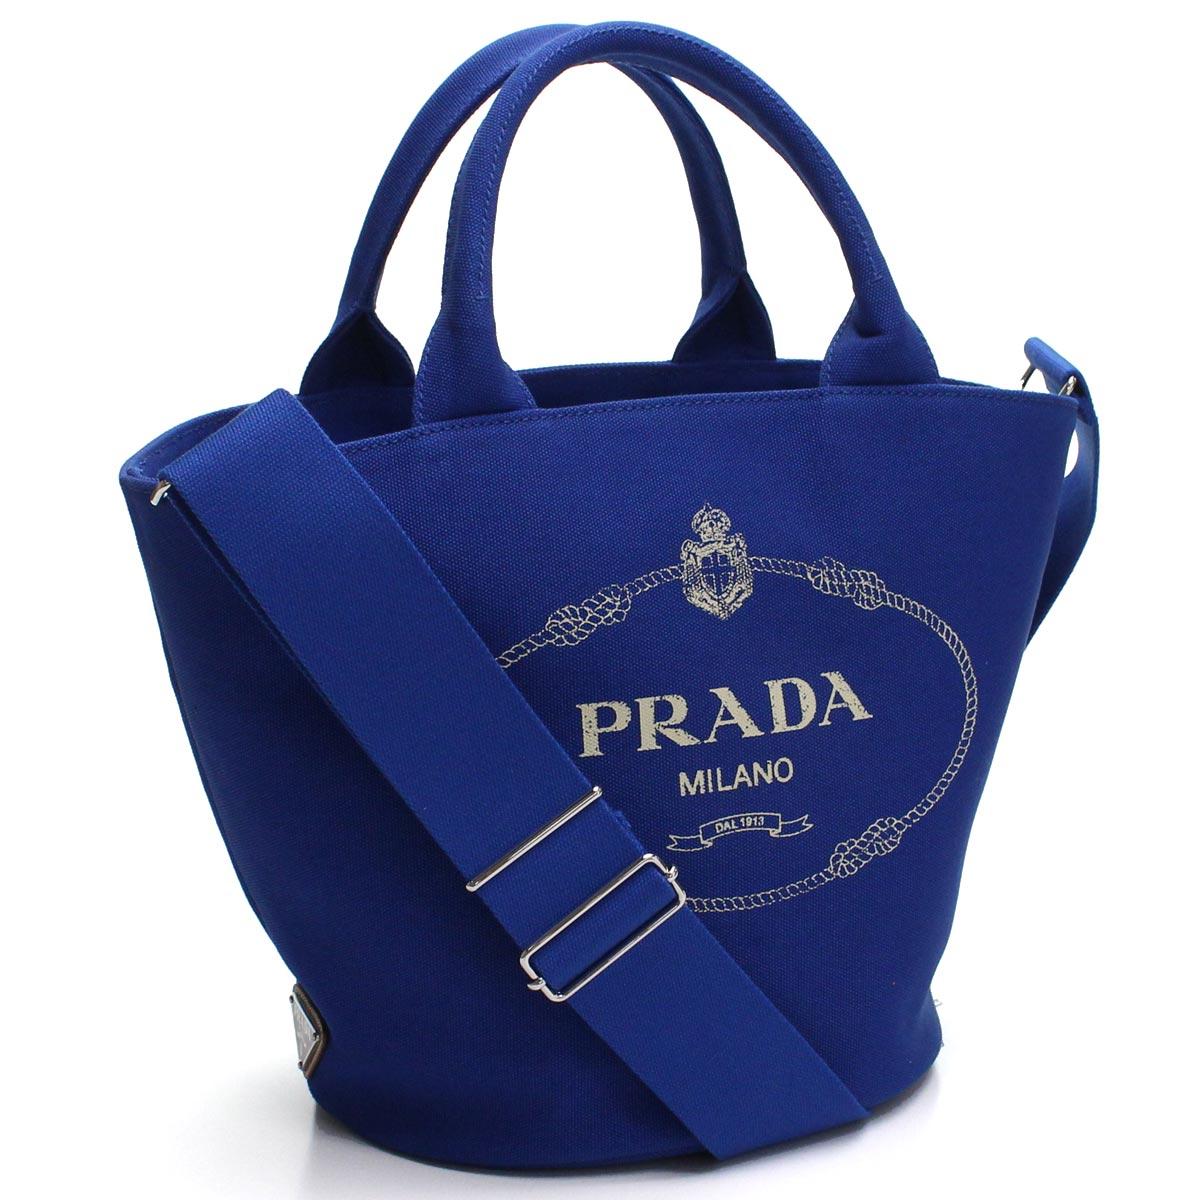 プラダ PRADA カナパ ポーチ付き 2way トートバッグ 1BG186 ZKI V OOO F0215 COBALTO ブルー系 レディース